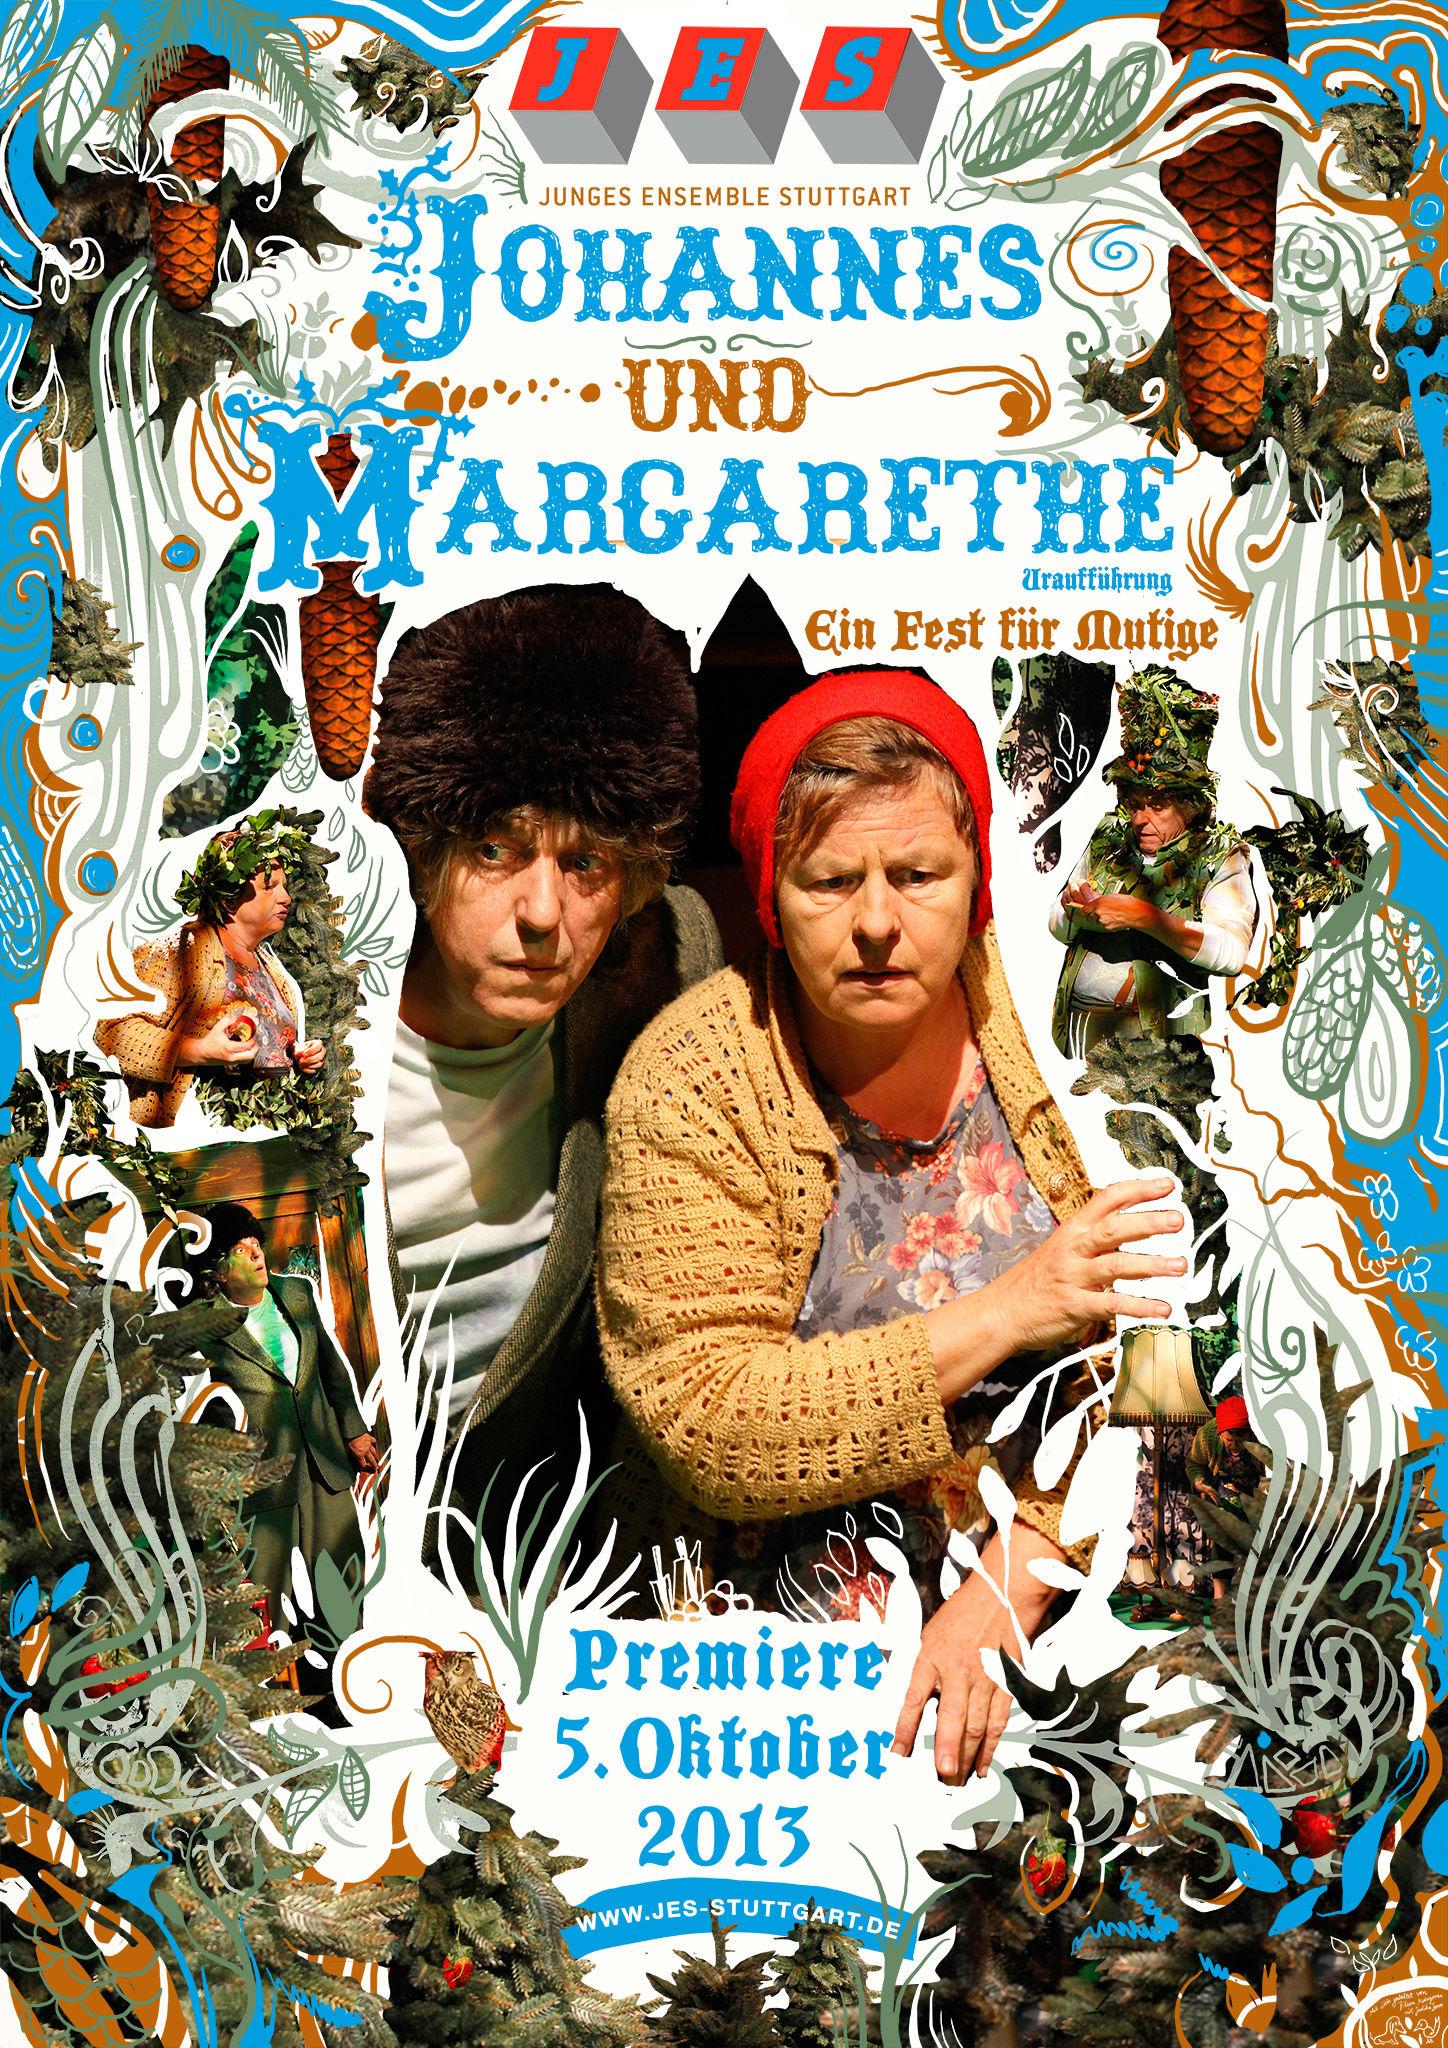 Kleon Medugorac Johannes und Margarethe